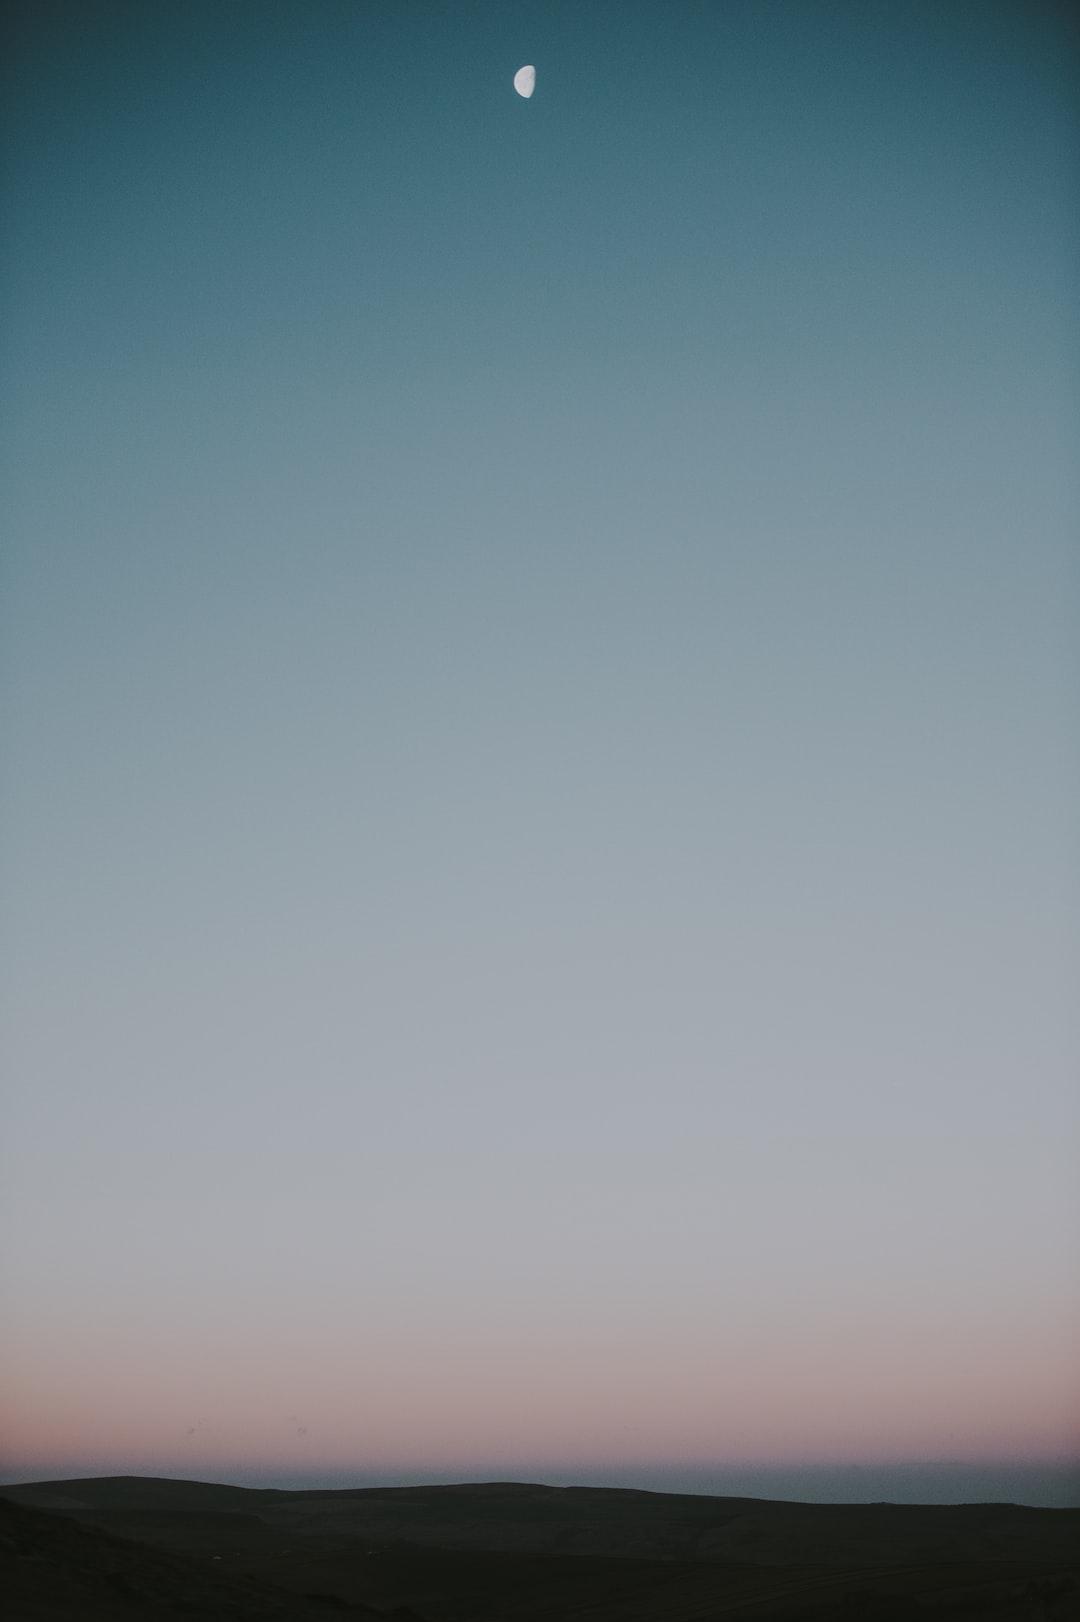 Morning light, goodnight moon